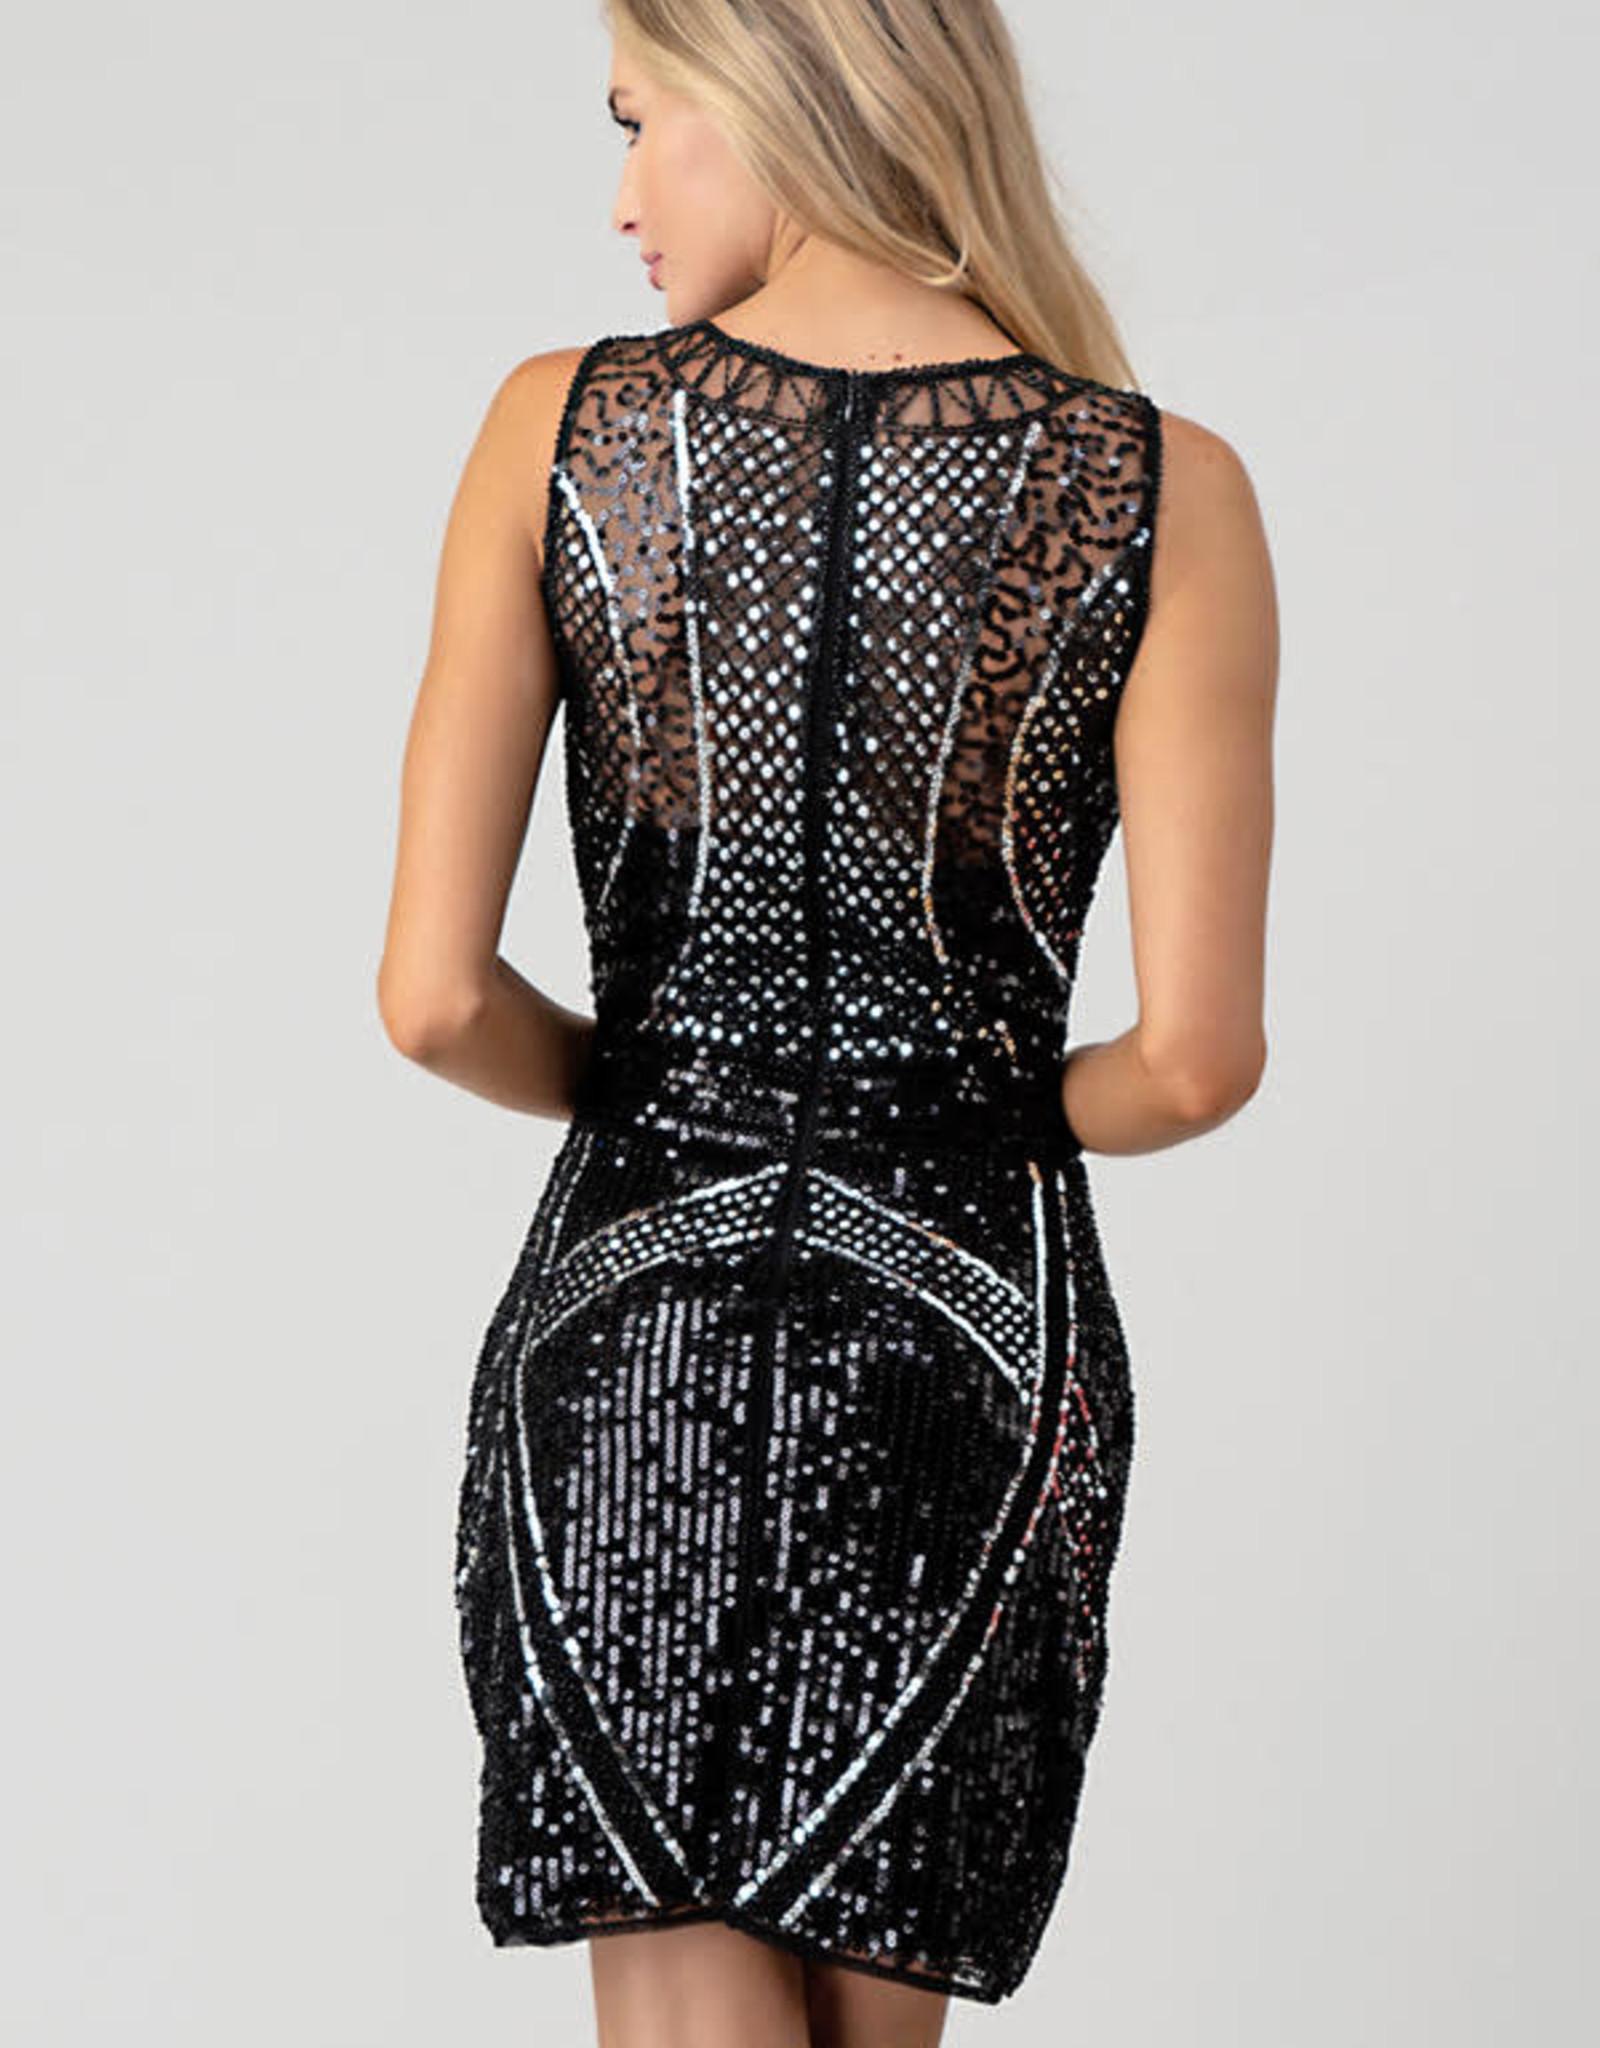 Minuet Silver/Black Sequin Slvlss Dress